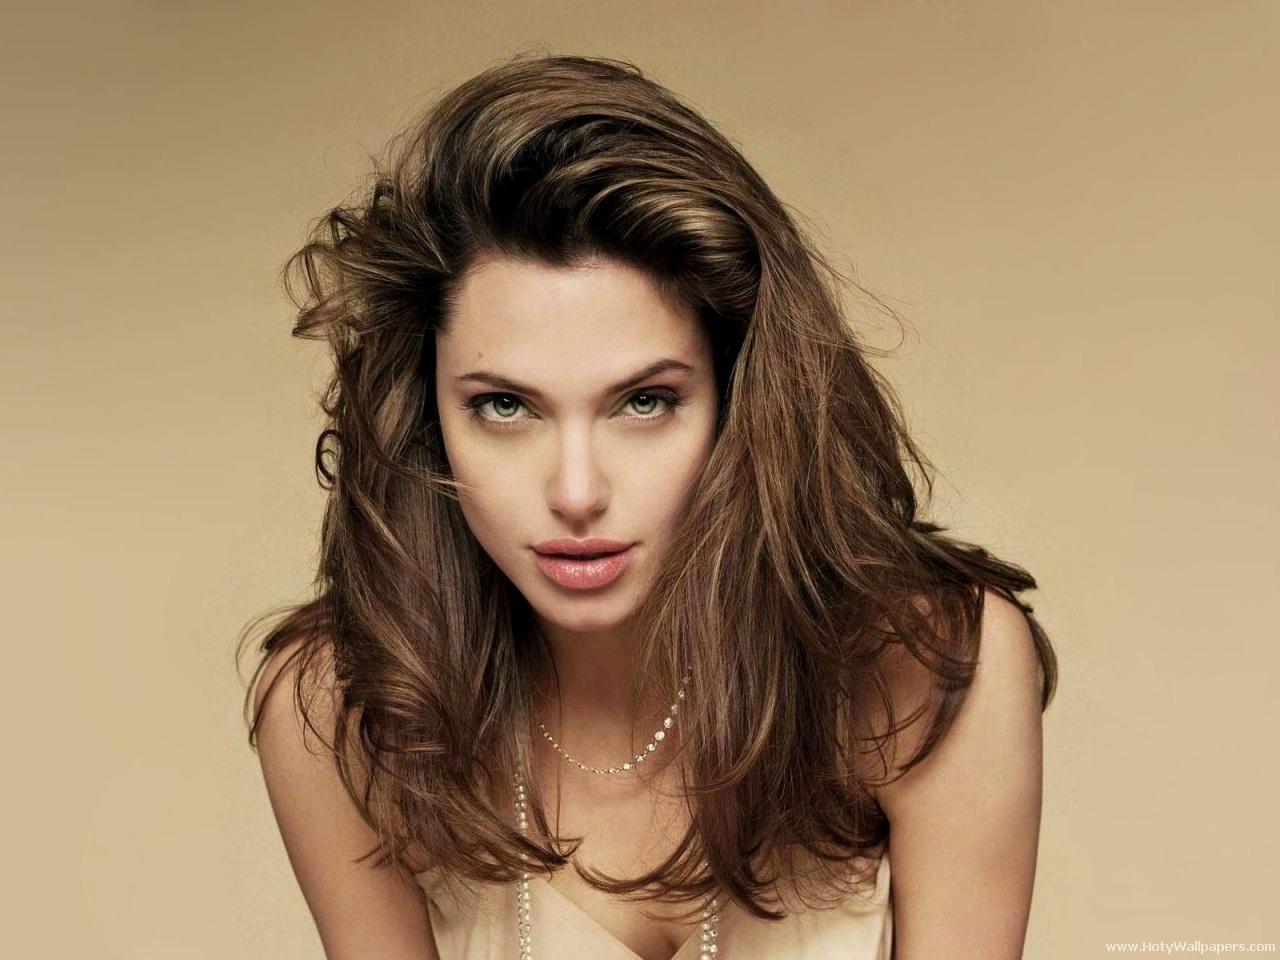 http://1.bp.blogspot.com/-mOSvUVU0qVs/TjqgdKywr8I/AAAAAAAAIhY/1GjUuJK35ww/s1600/Angelina_Jolie_hq_wallpaper.jpg